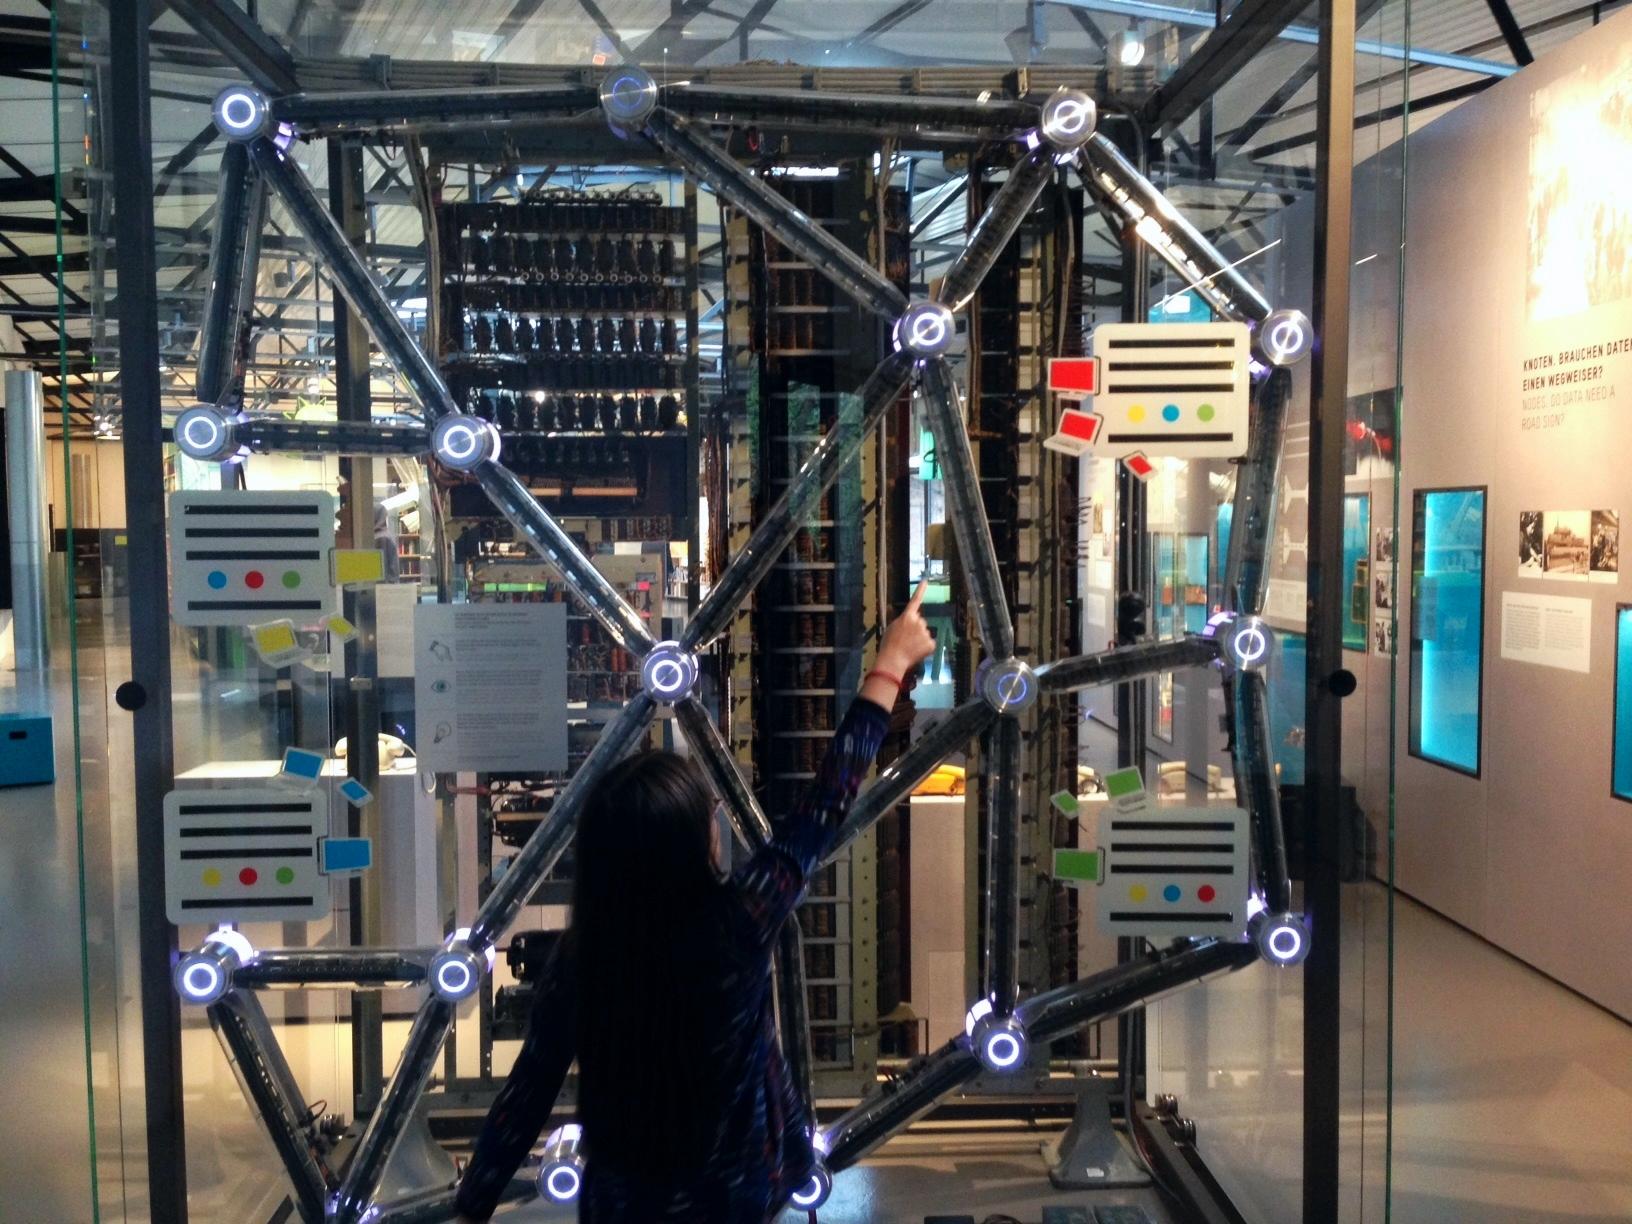 Internet zum Anfassen: Im Museum schicken sich vier unterschiedlich farbige Rechner Punkt-Nachrichten. Foto: Privat